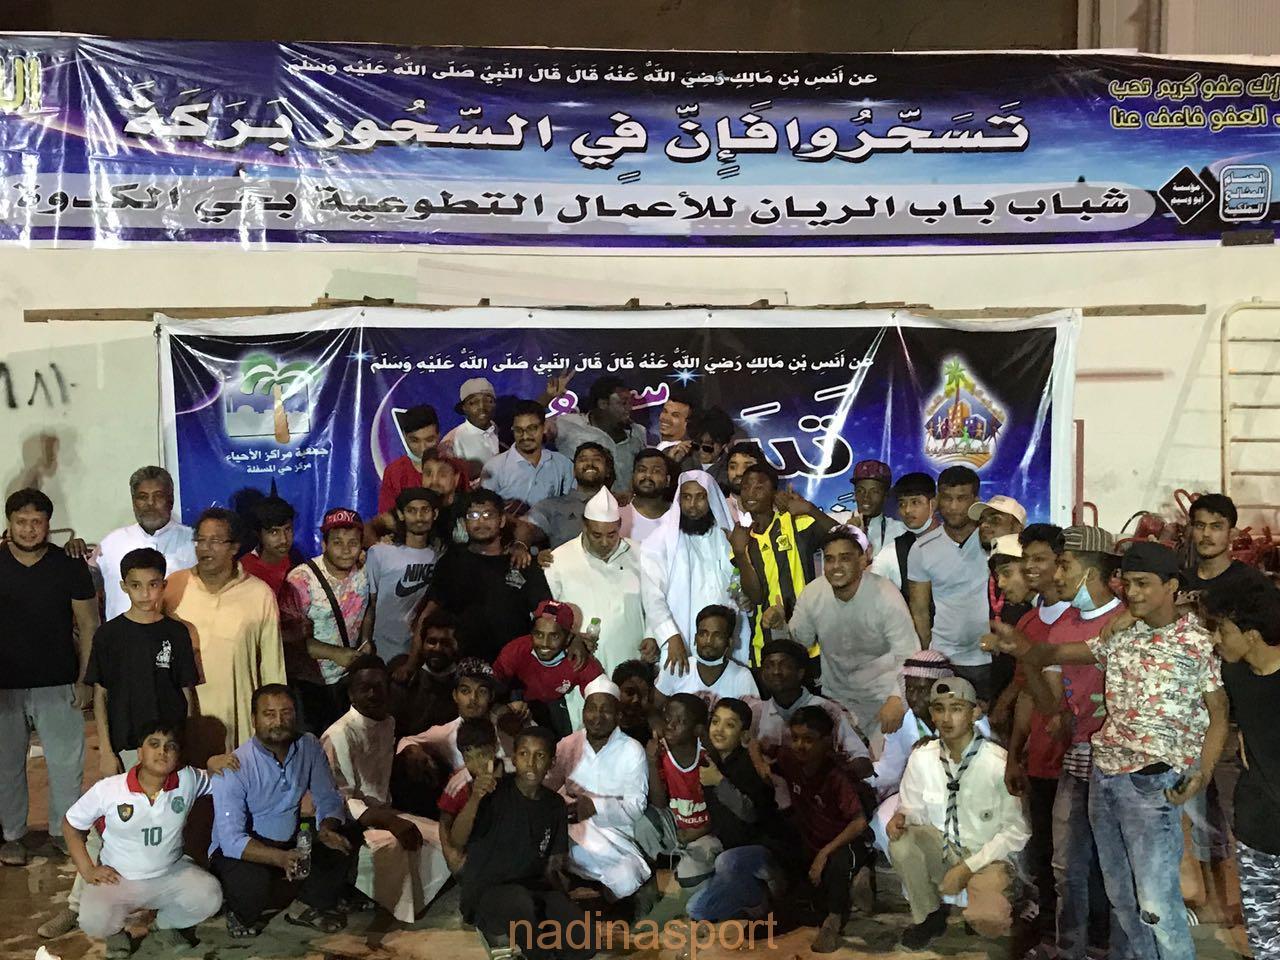 شباب الكدوة يتميزون في برنامج سحور الزوار في مكة